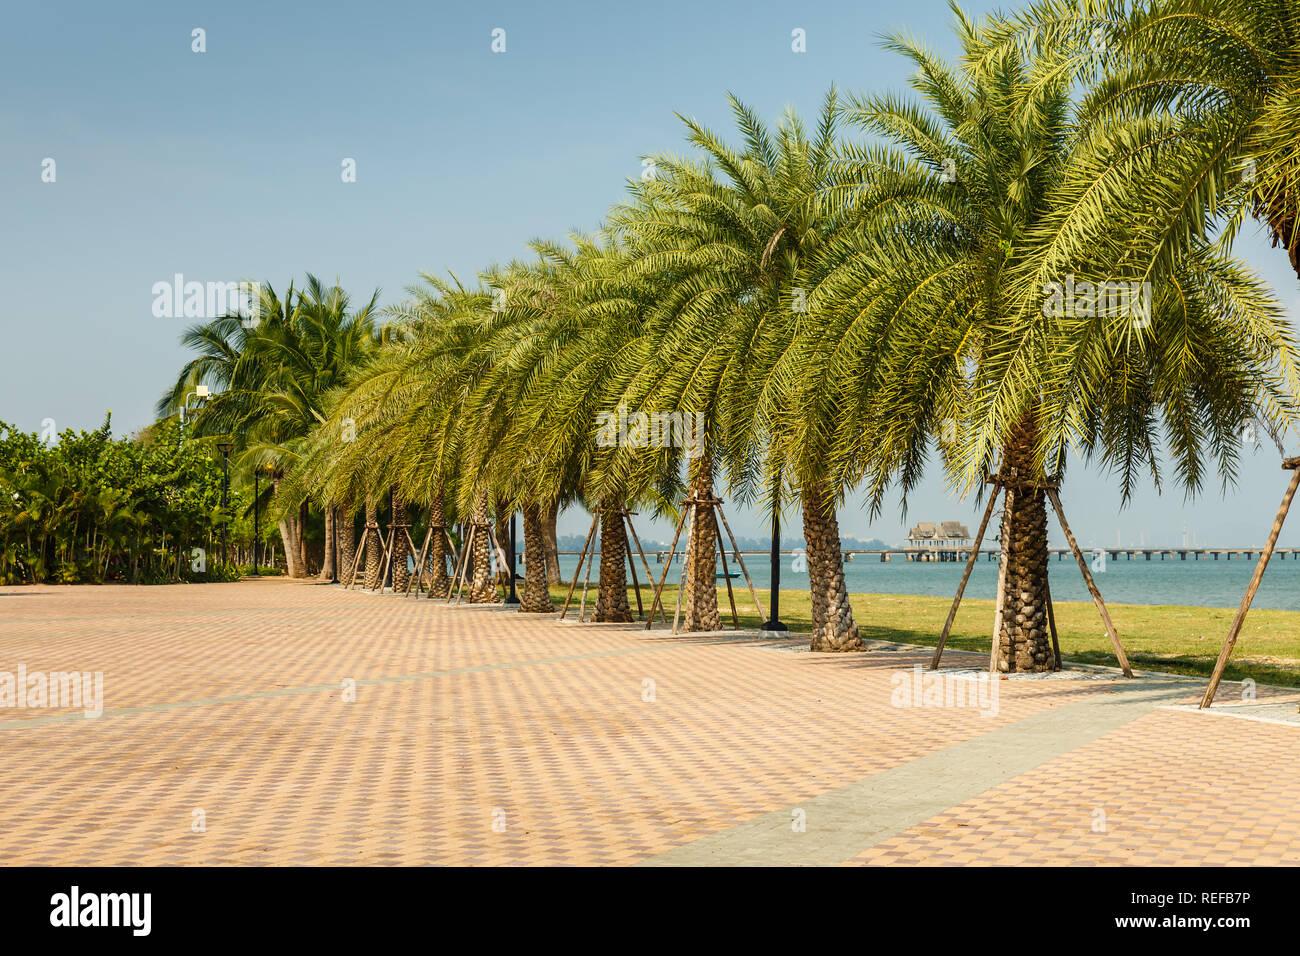 Palm alley en la costa del Golfo de Siam, hermoso paisaje de Tailandia Foto de stock